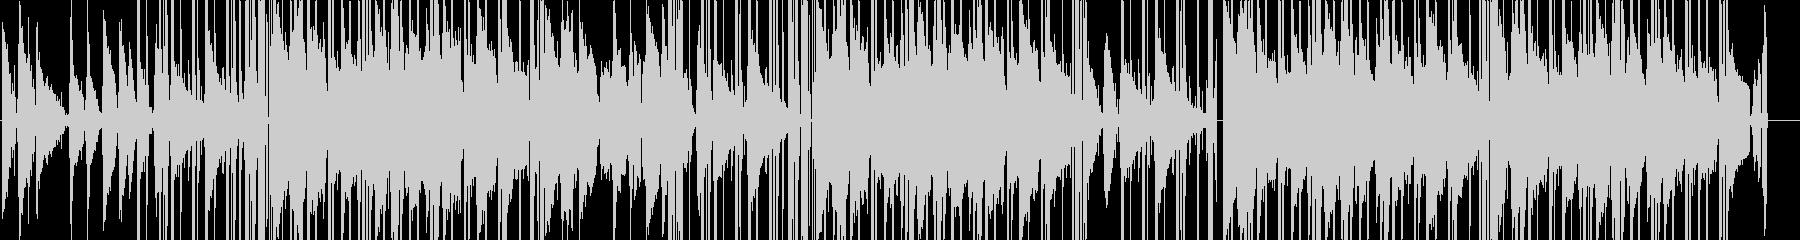 くつろげるLO-FI HIPHOPの未再生の波形